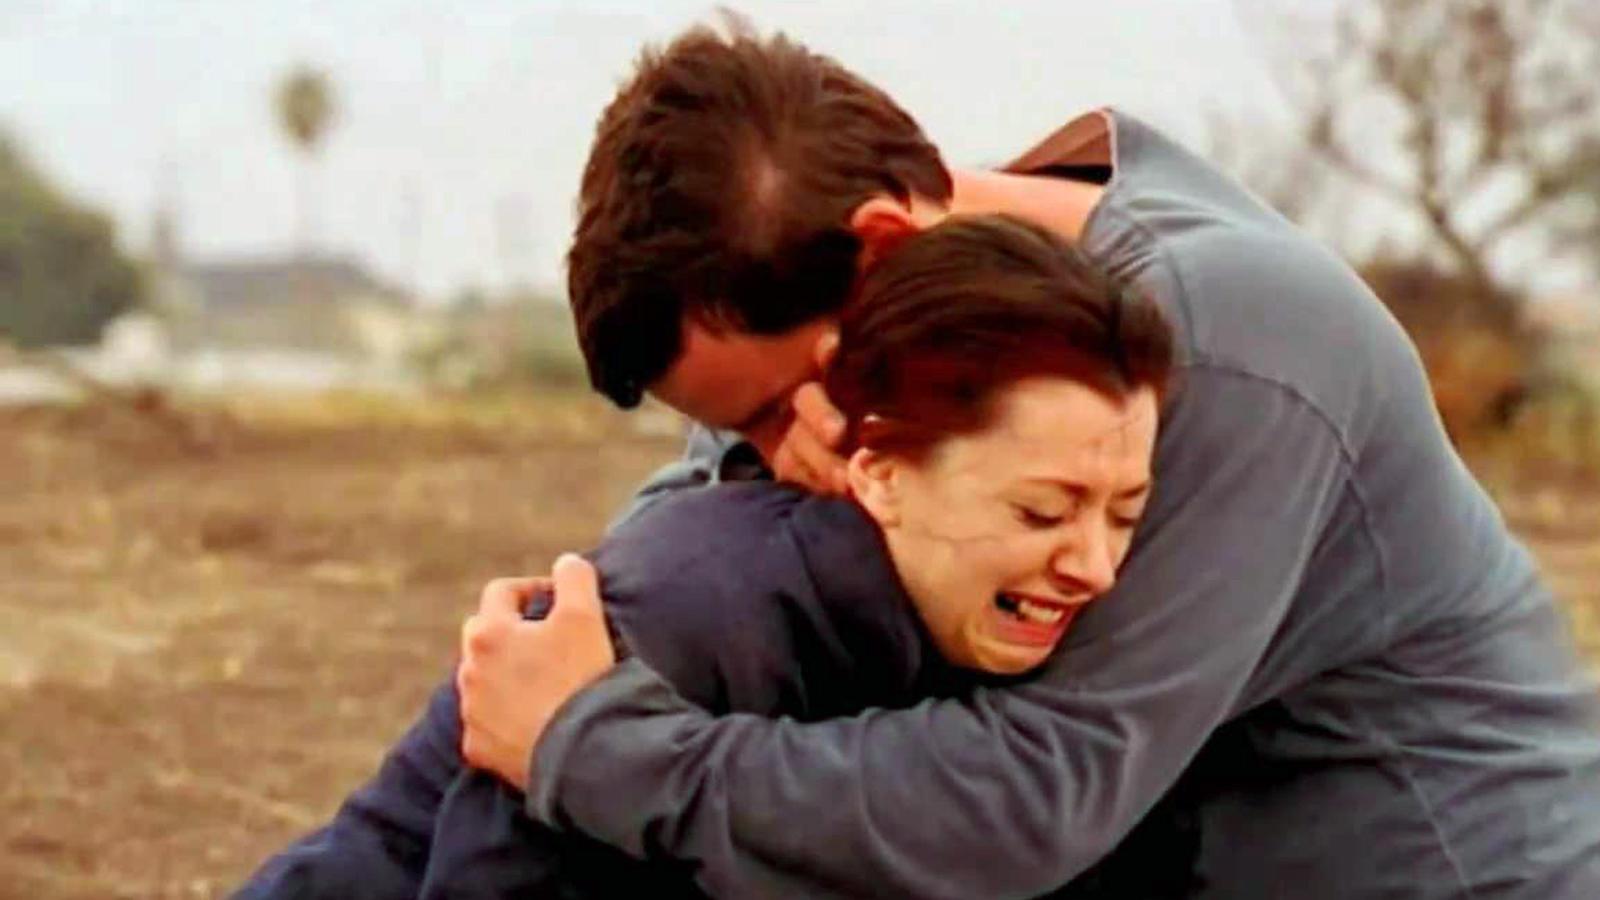 A Buffy, a vámpírok réme párosa rengeteg pozitív és negatív dolgot megélt együtt. Kapcsolatukról mindent elmond, hogy a hatodik évadban Xander még a világot is megmenti Willow iránt érzett plátói szerelmével.